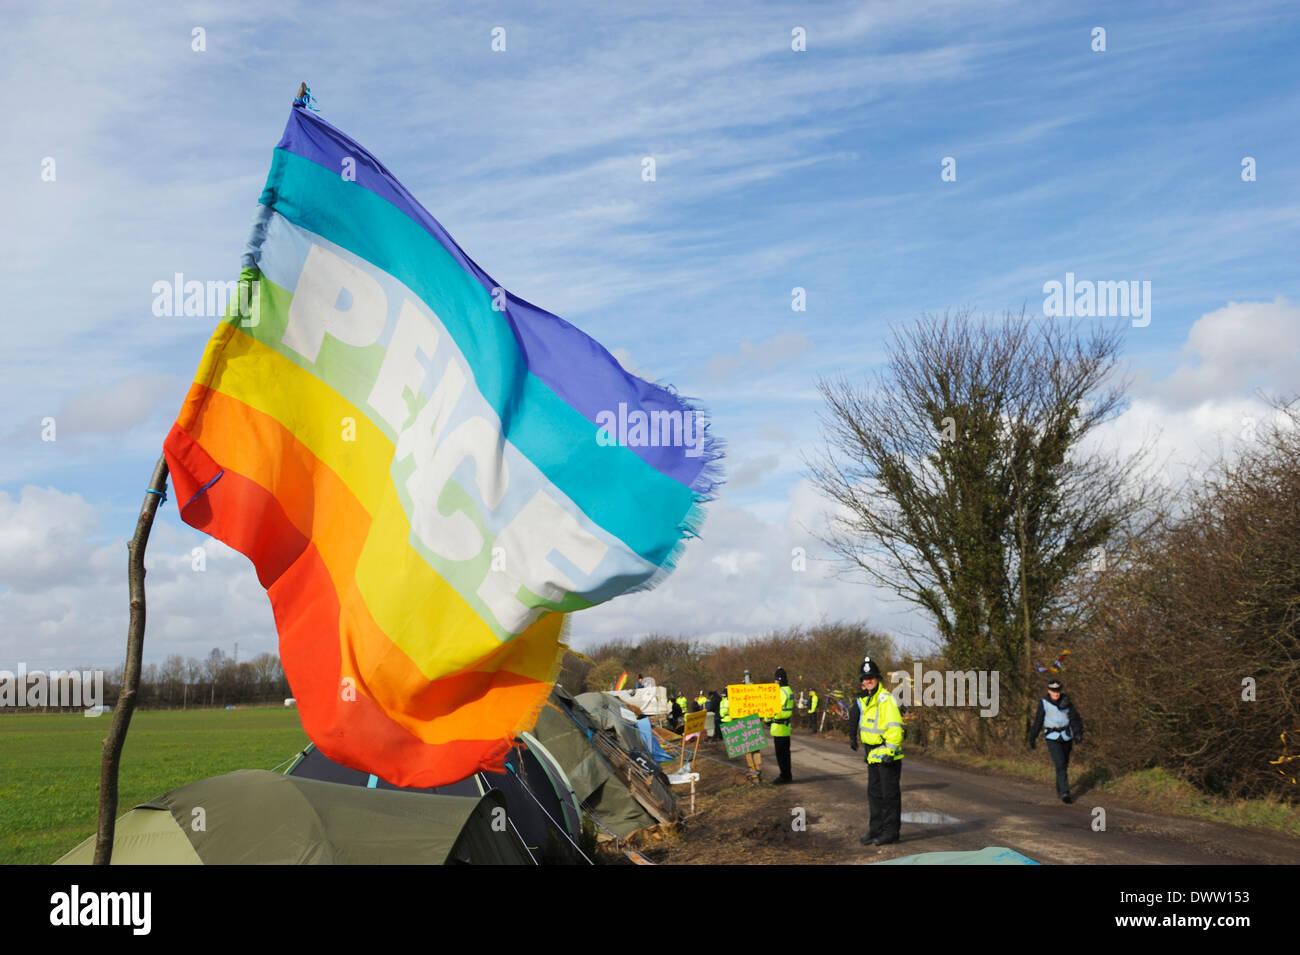 """Frieden Website Flagge im Wind wie Polizei Lagers Barton Moos Schutz vor Demonstranten """"langsames gehen"""" Linie Lieferung Stockbild"""